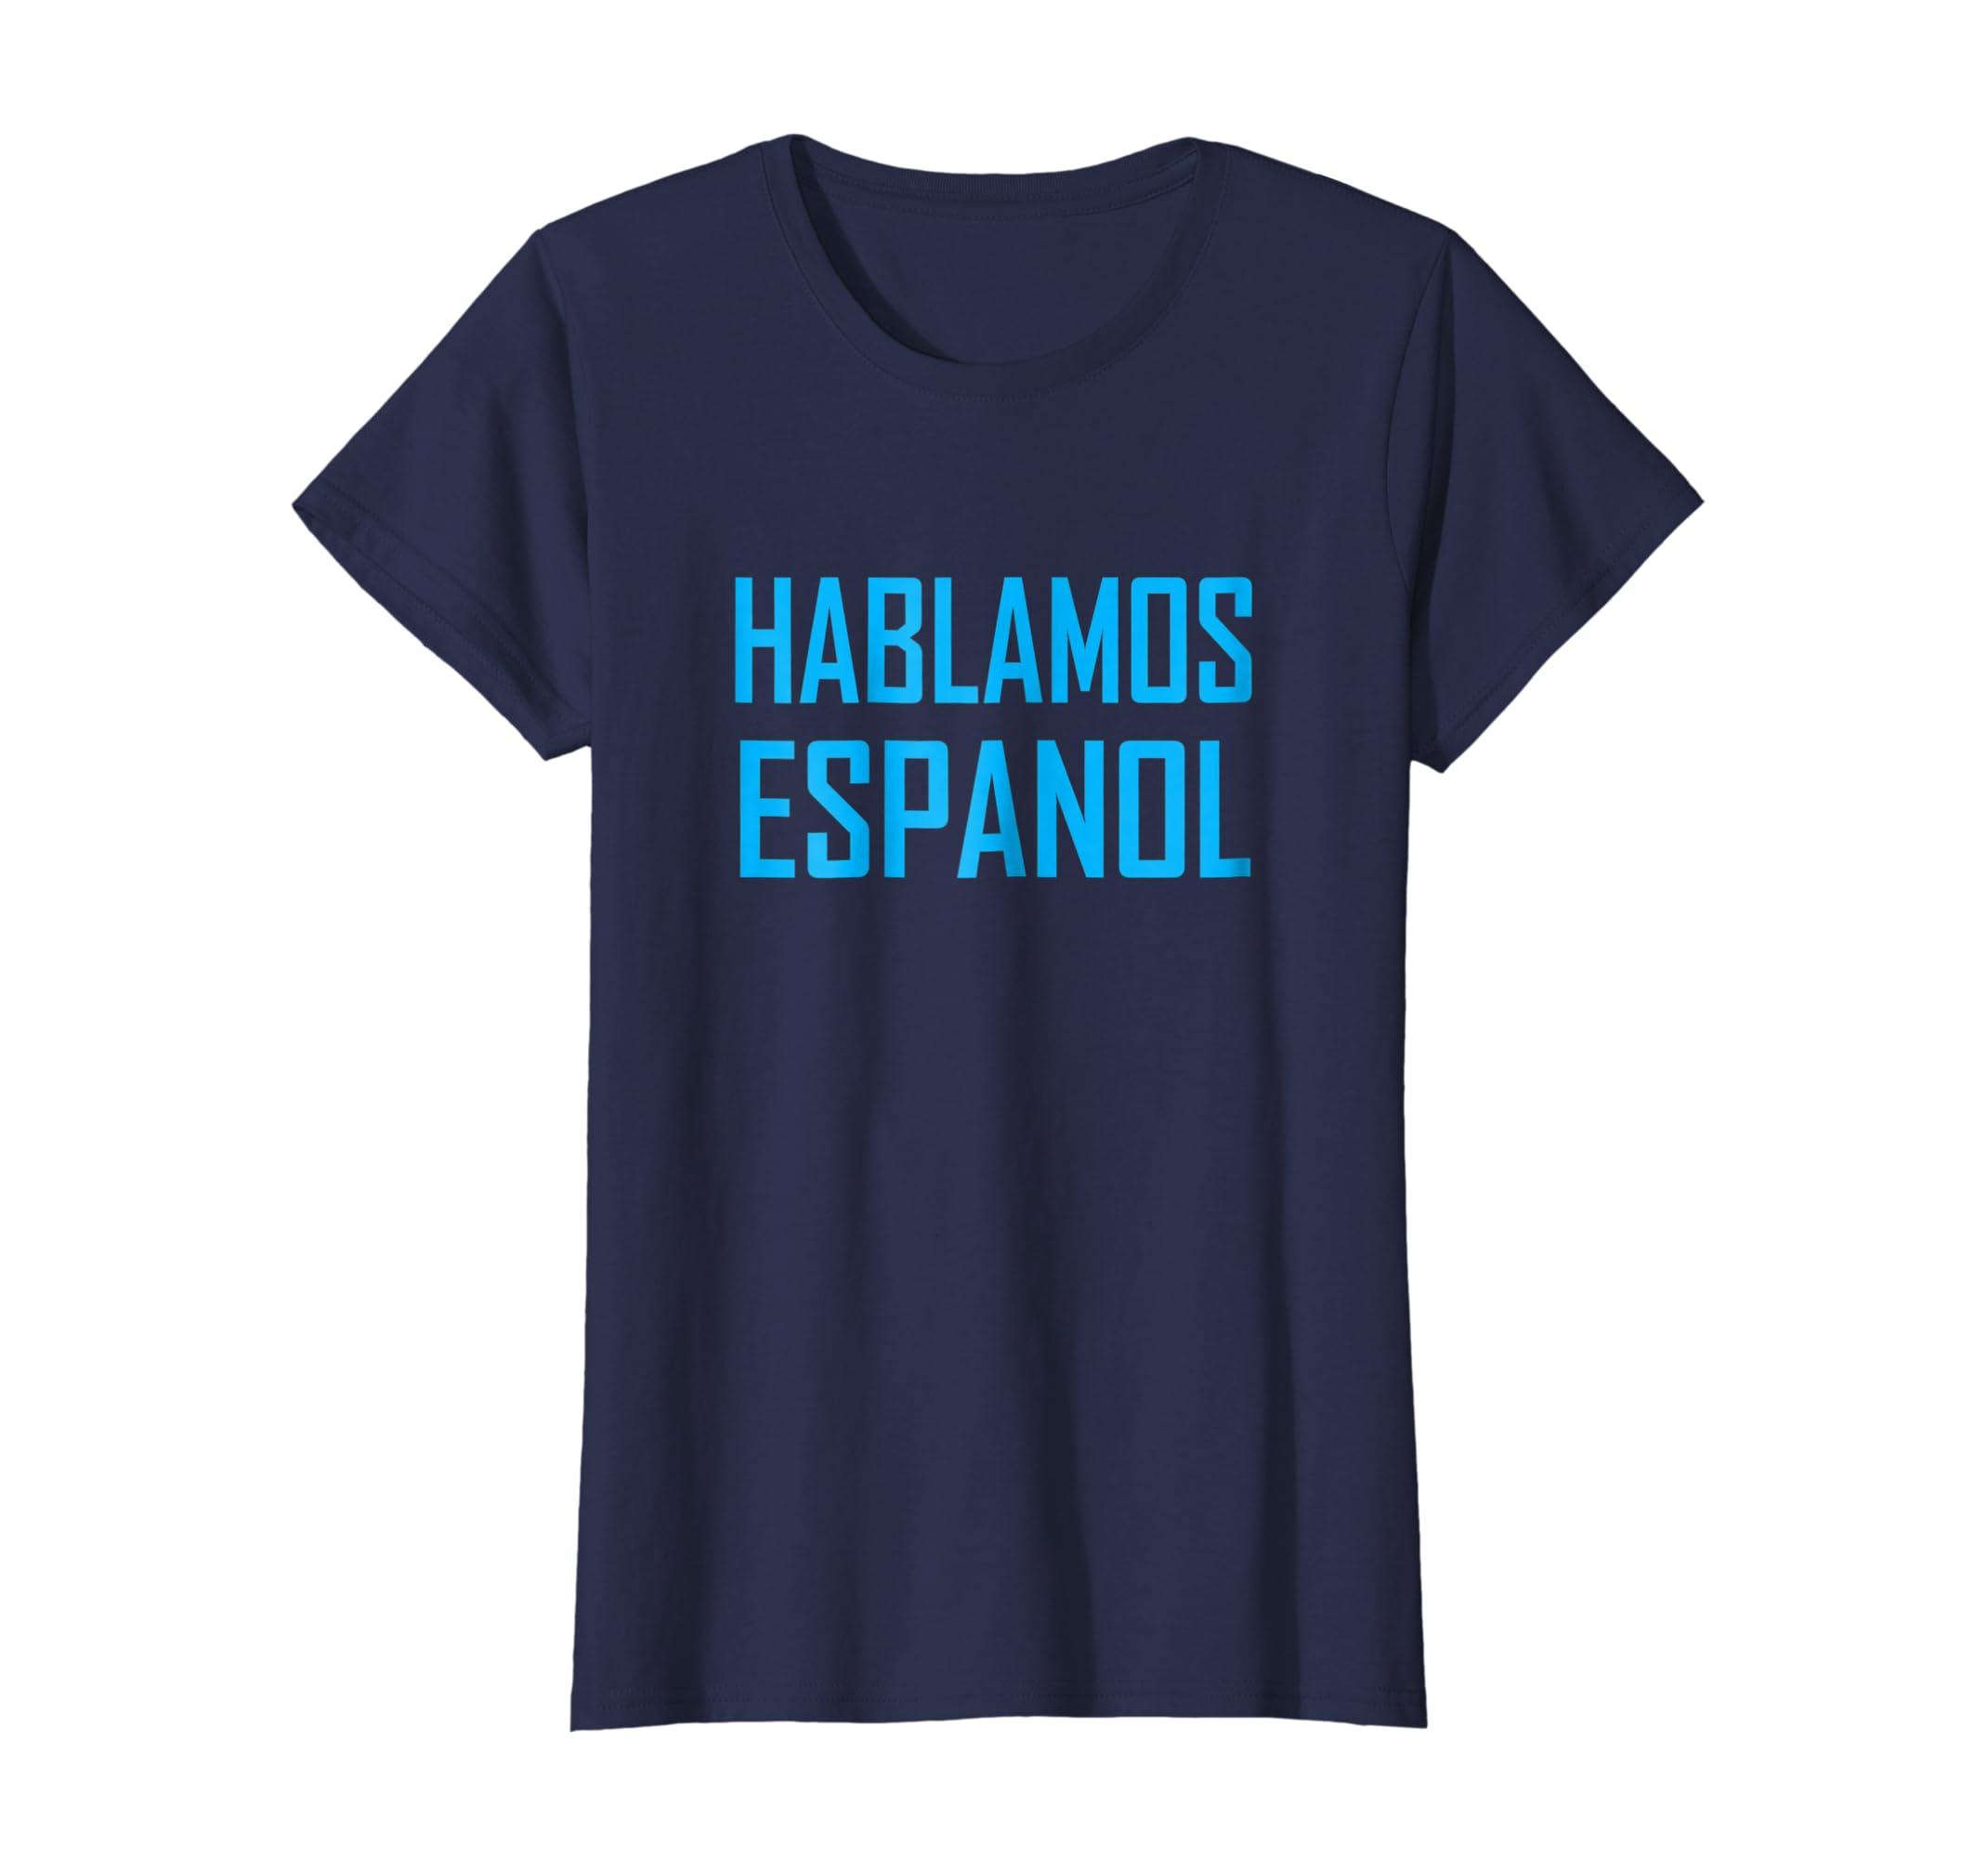 Amazon.com: Hablamos Espanol - Regalo de Cumpleanos o ...